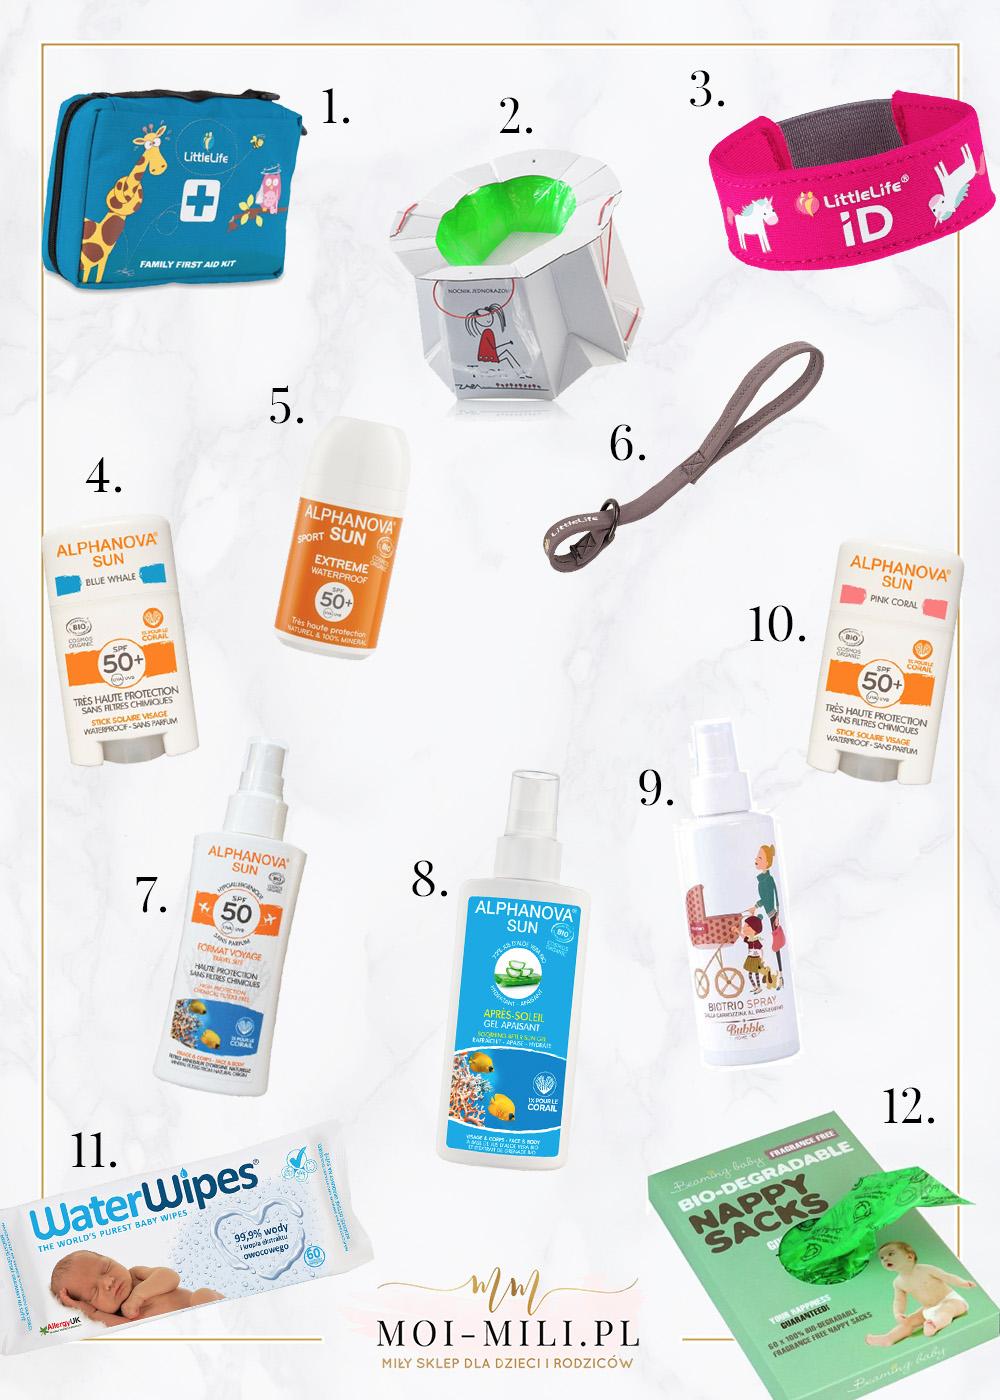 Zadbaj o bezpieczeństwo dzieci z kosmetykami i przydatnymi gadżetami.